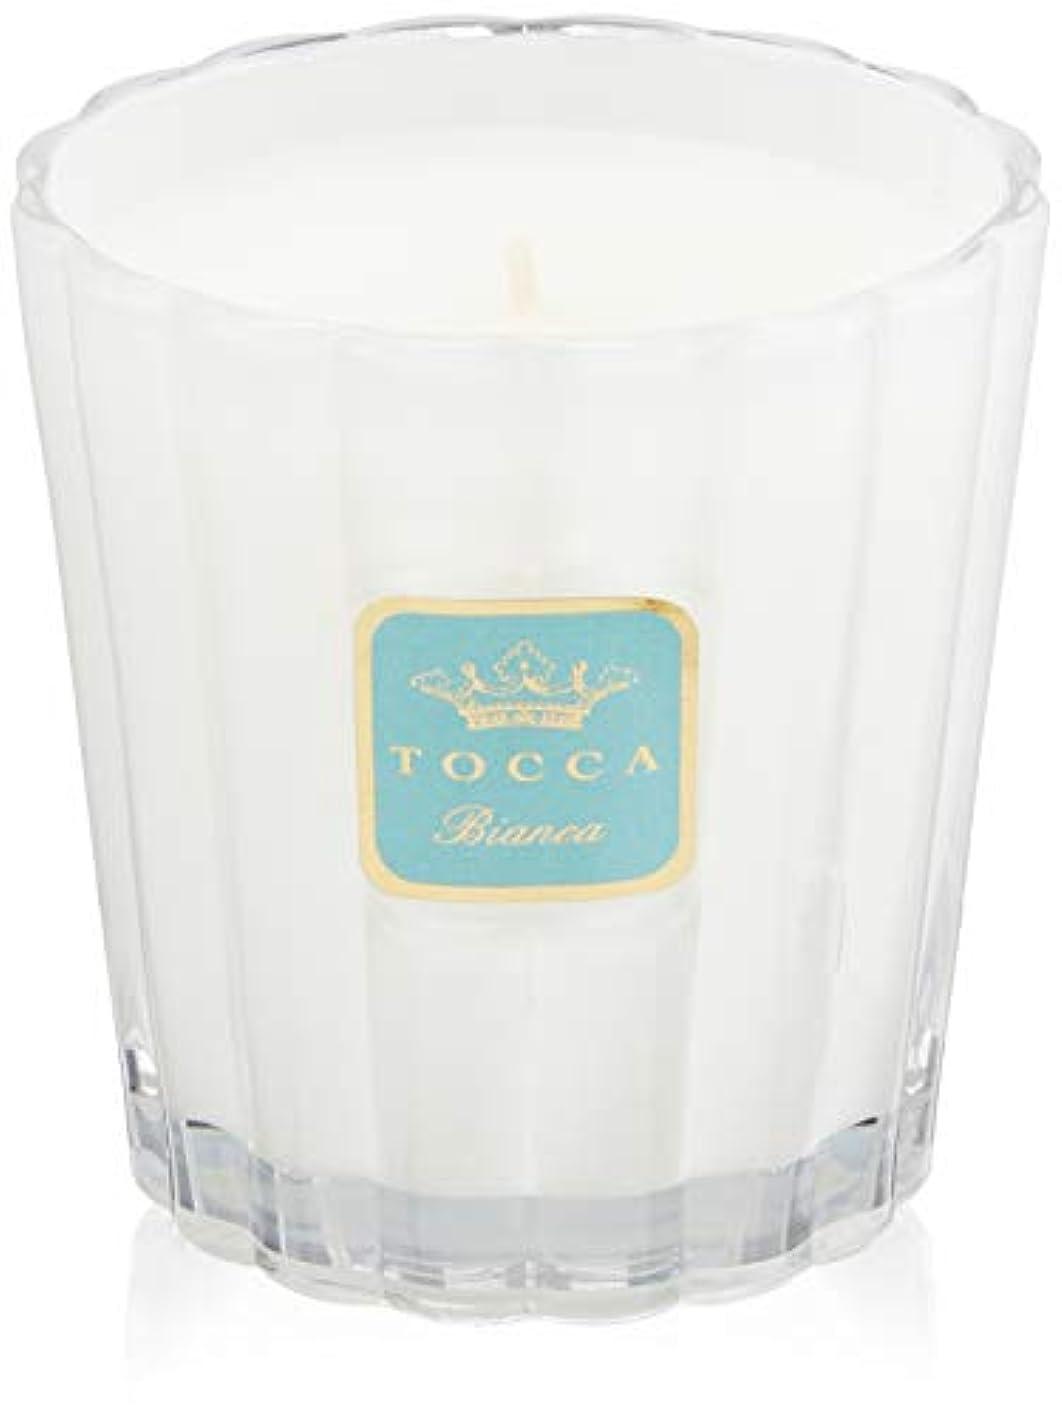 溶ける謝るキルトトッカ(TOCCA) キャンドル ビアンカの香り 約287g (ろうそく ほのかに甘さ漂うフレッシュな香り)